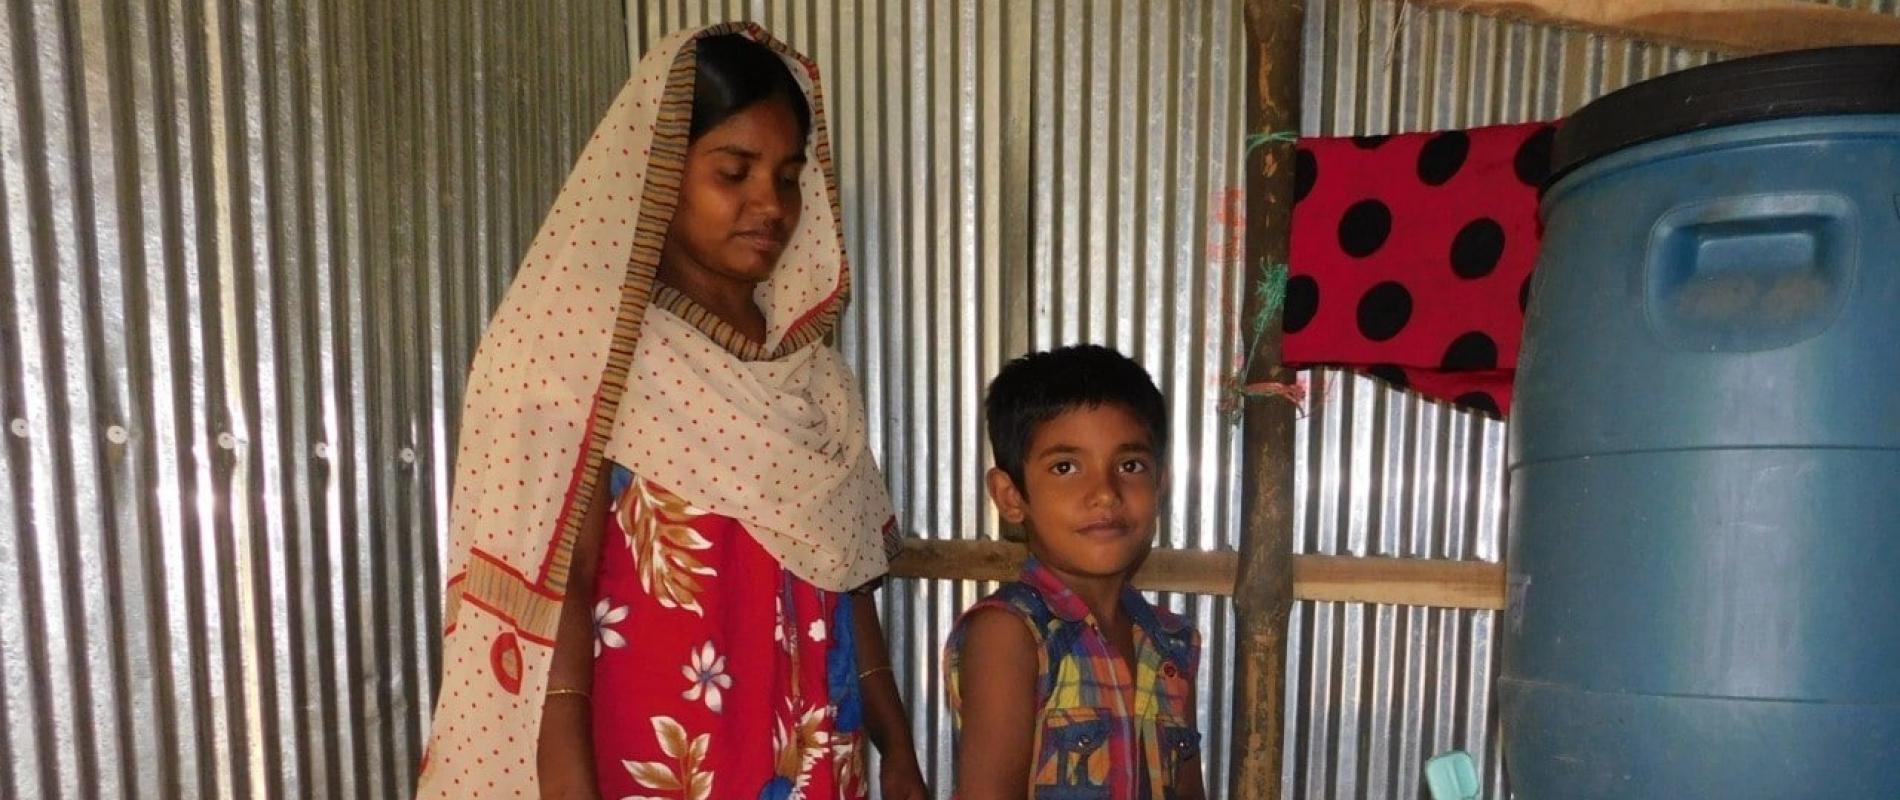 Aswas bangladesh 5 1500x1125